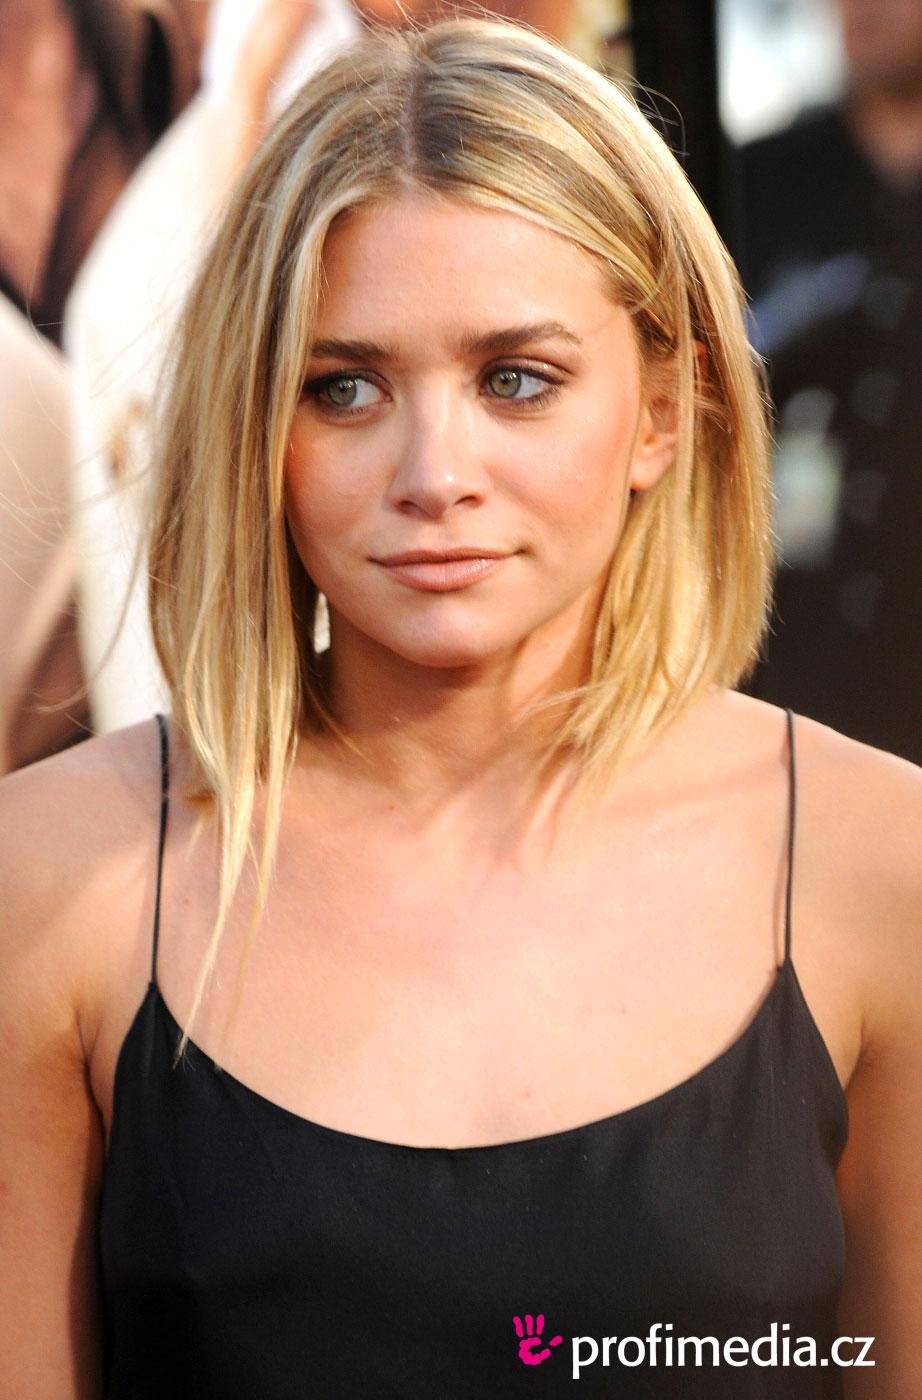 Ashley Olsen - Images Wallpaper